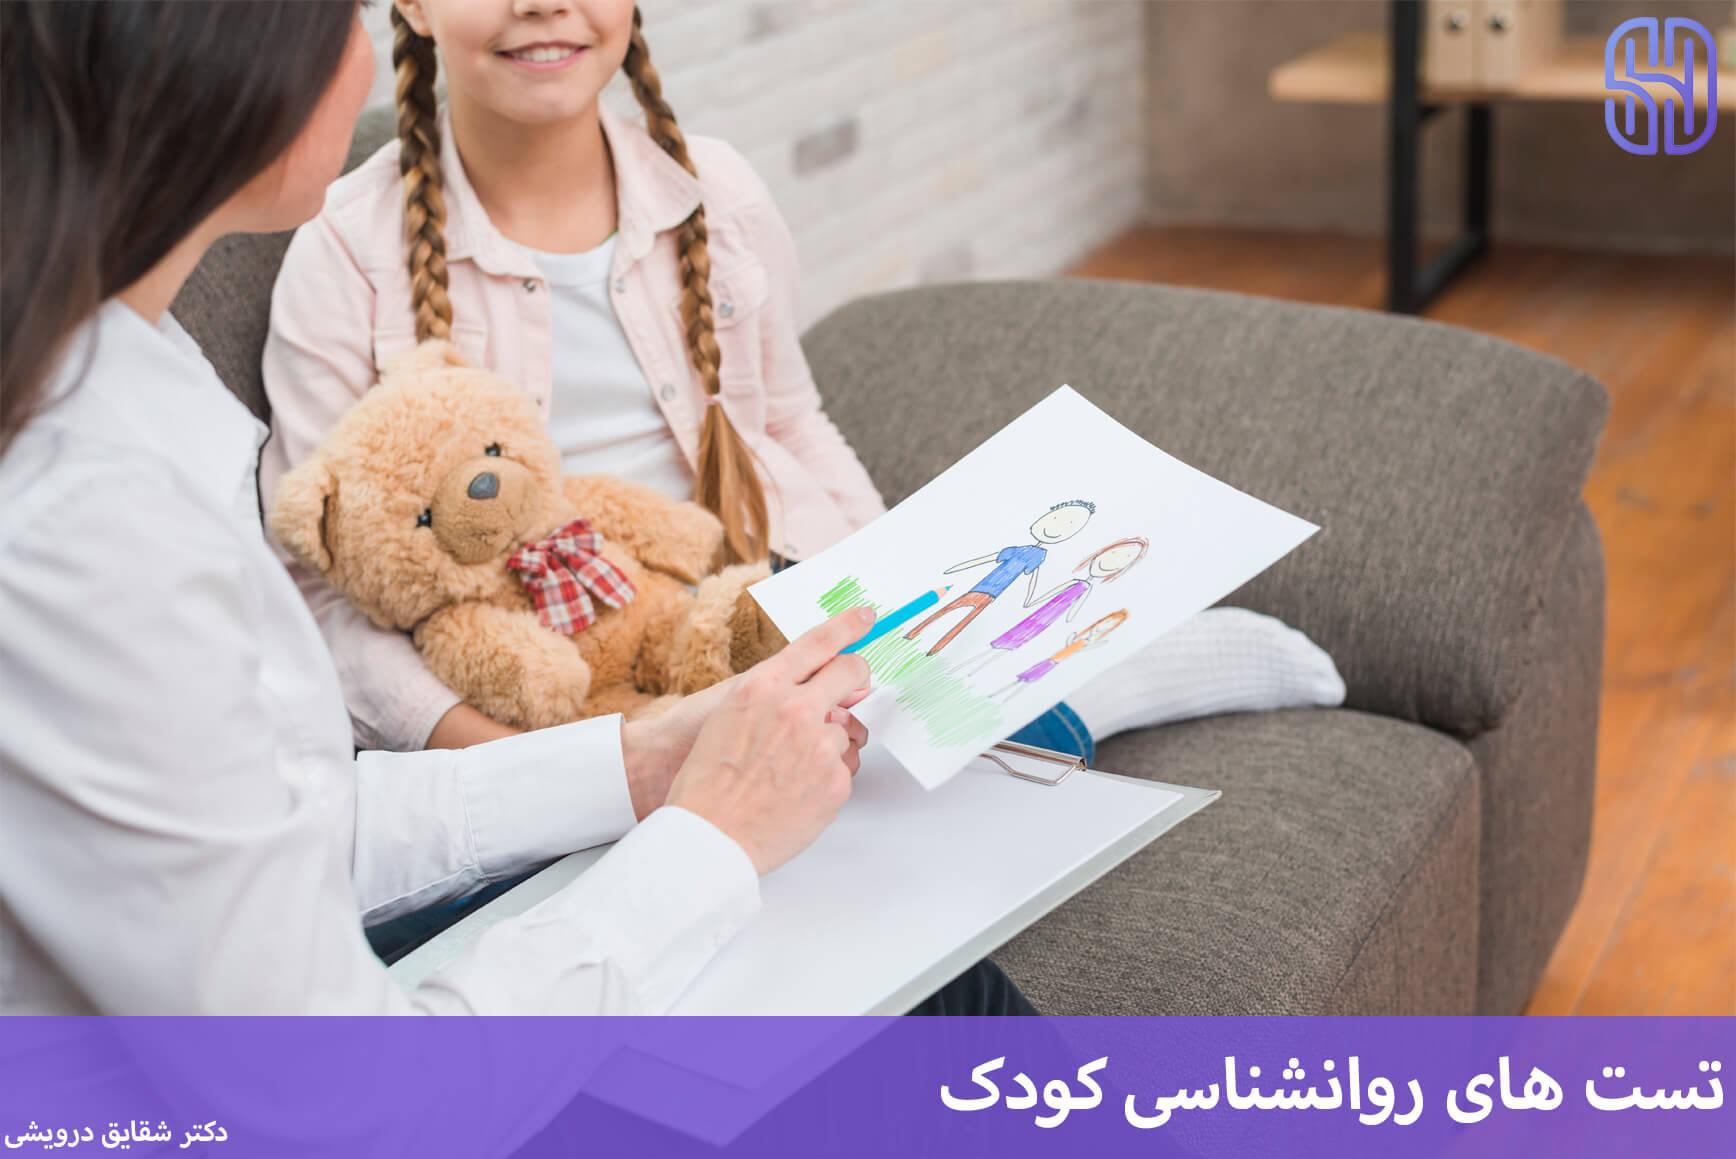 تست روانشناسی کودک